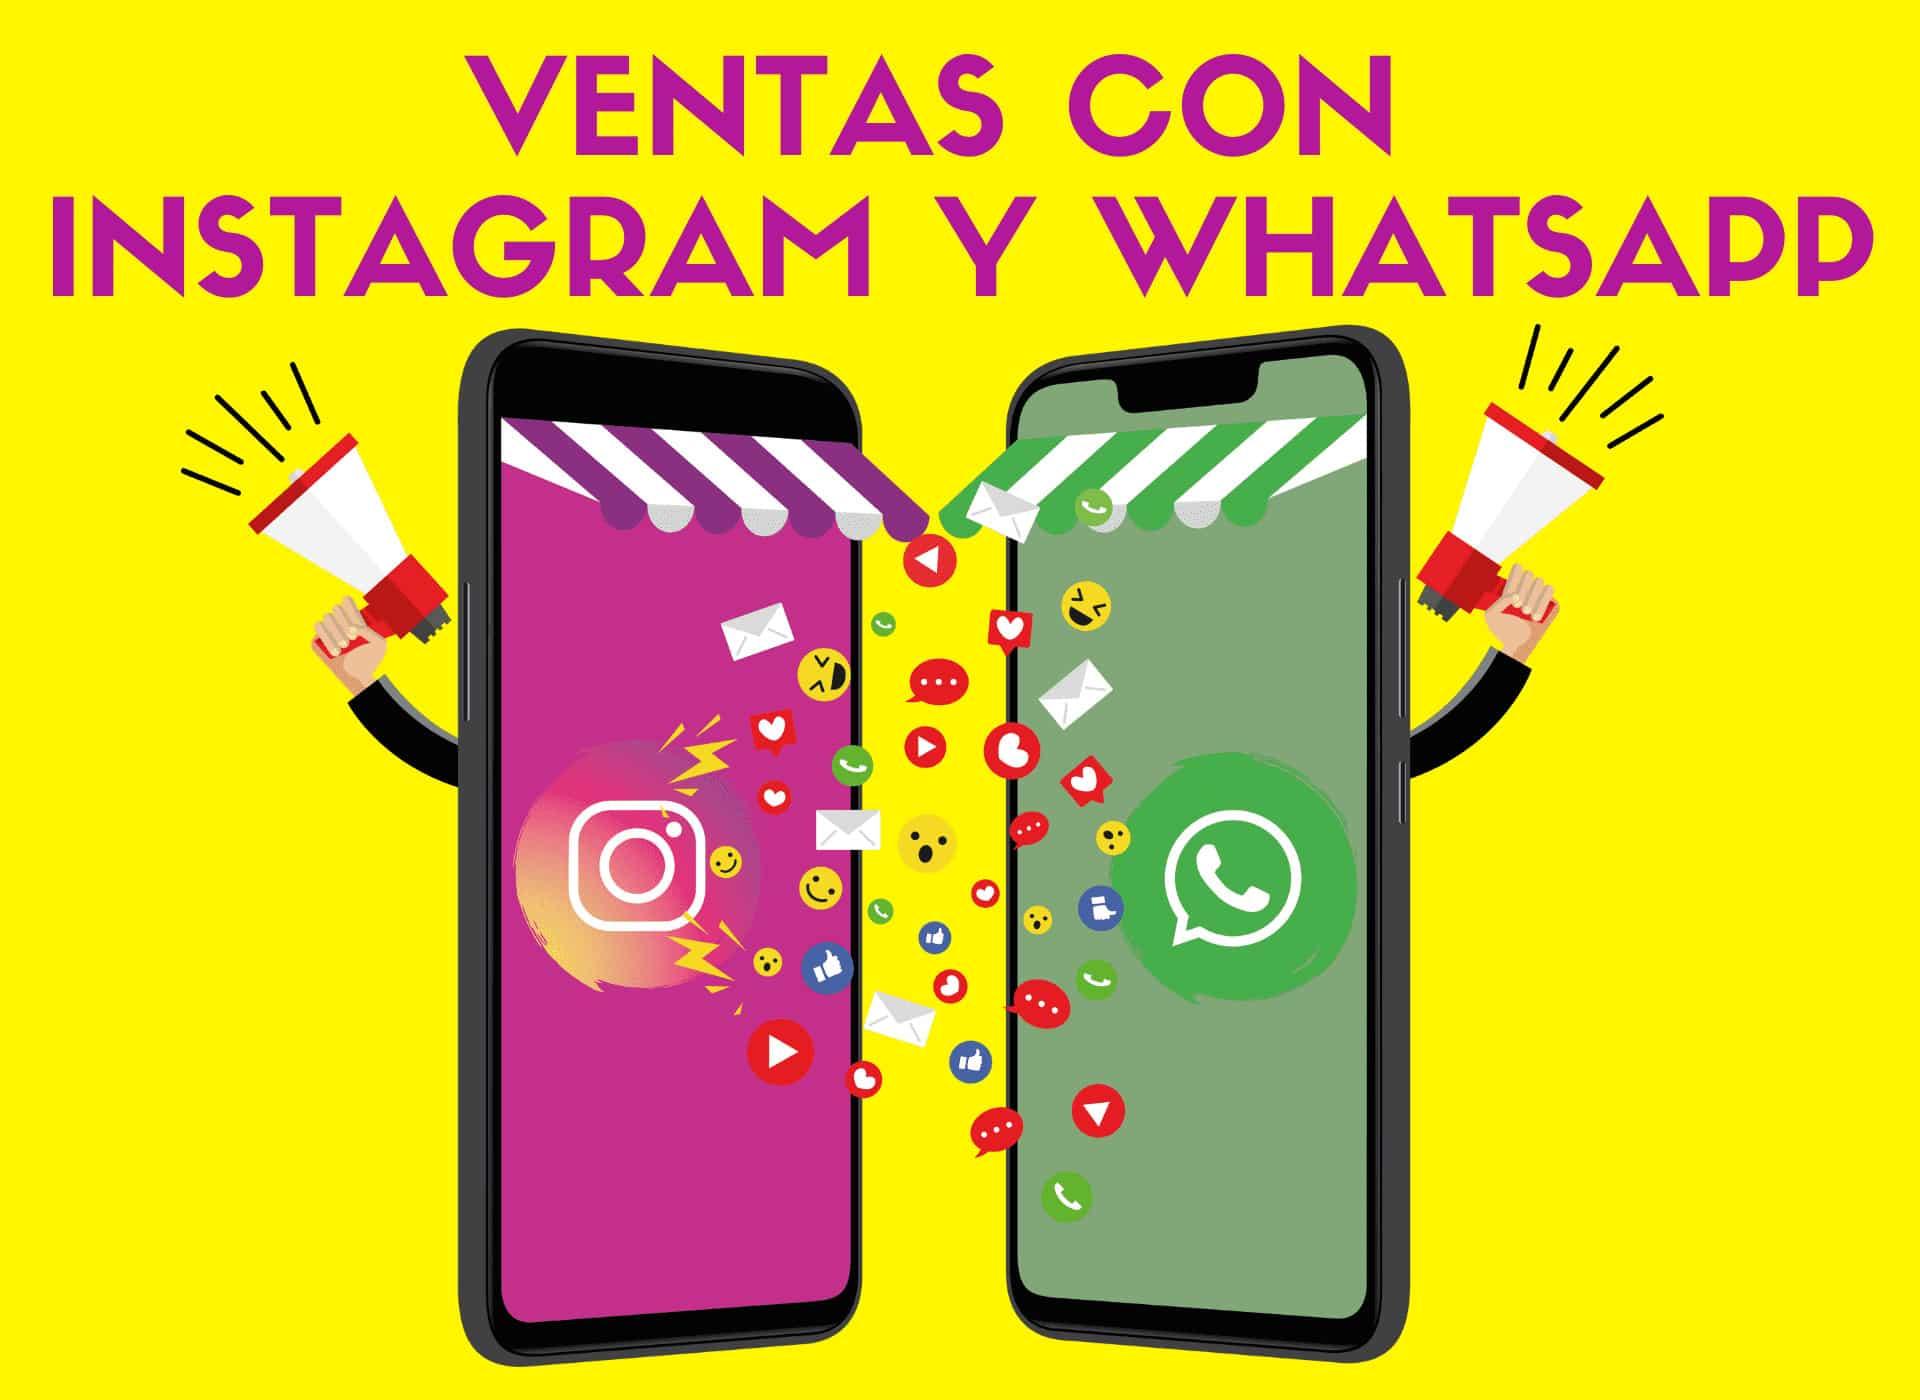 Curso Ventas con Instagram y Whatsapp